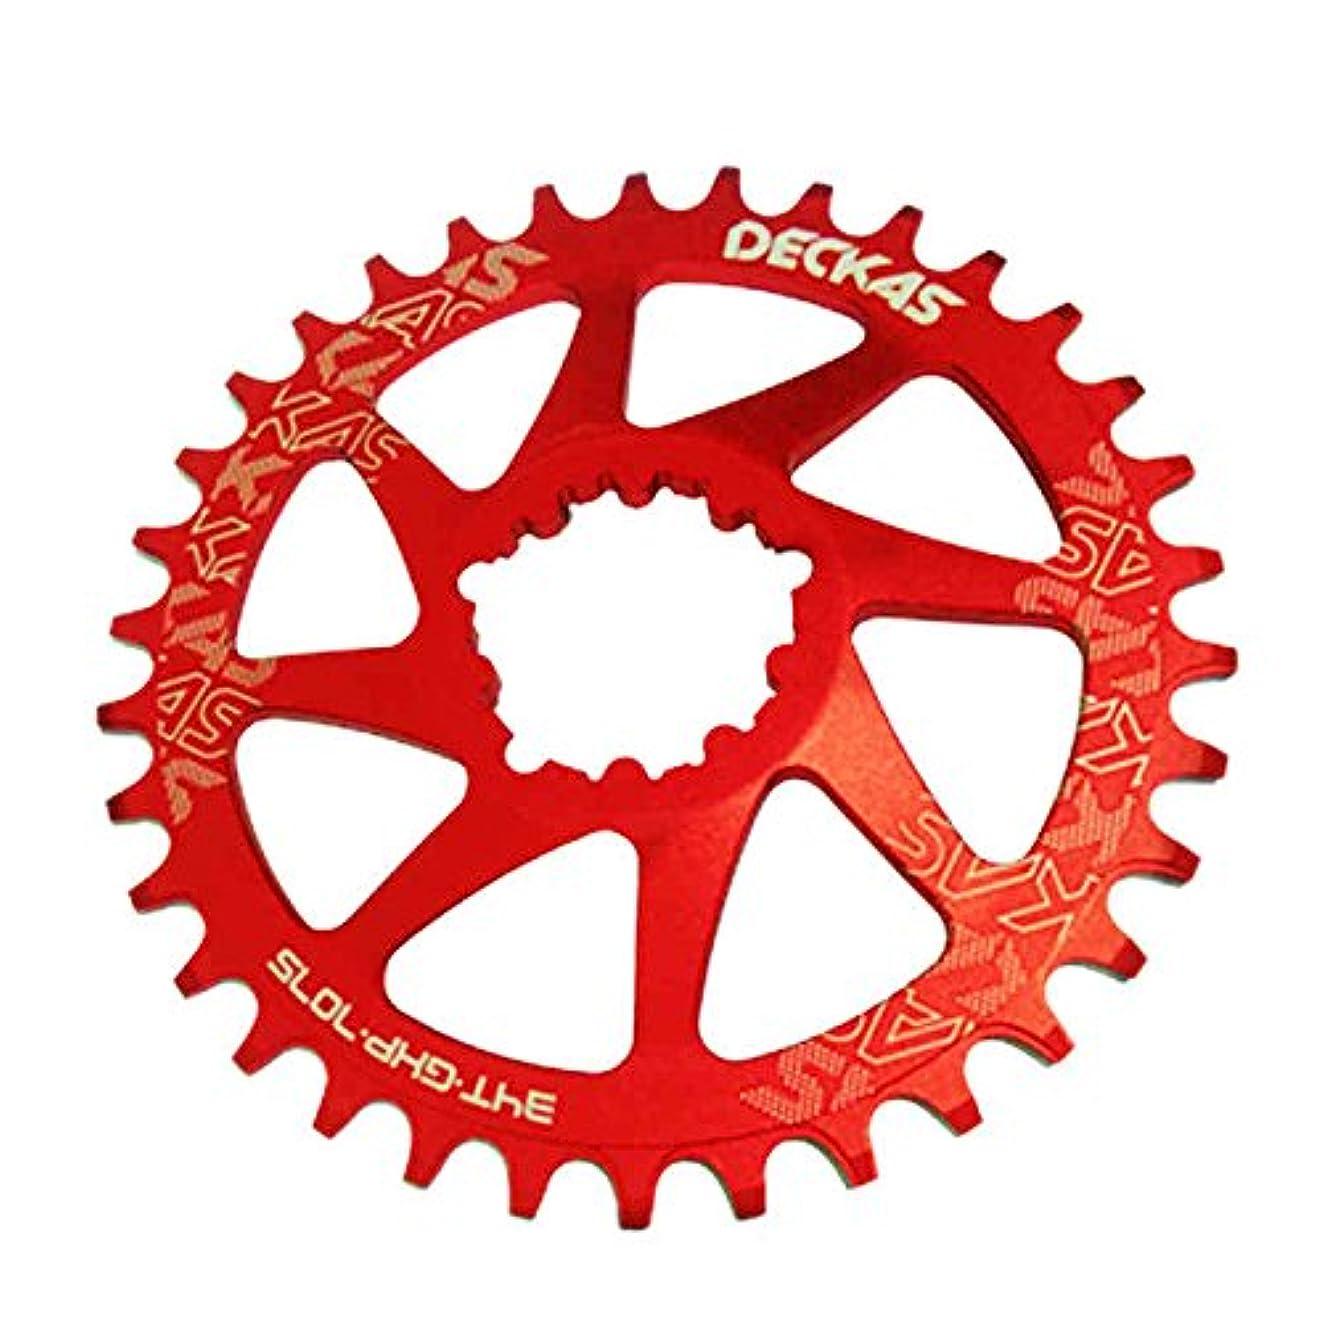 通行料金大陸滅びるPropenary - GXP bicycle crankset Al 7075 CNC32T 34T Narrow Wide Chainring Chainwheel for Sram XX1 XO1 X1 GX XO X9 crankset bicycle parts [ 34T Red ]